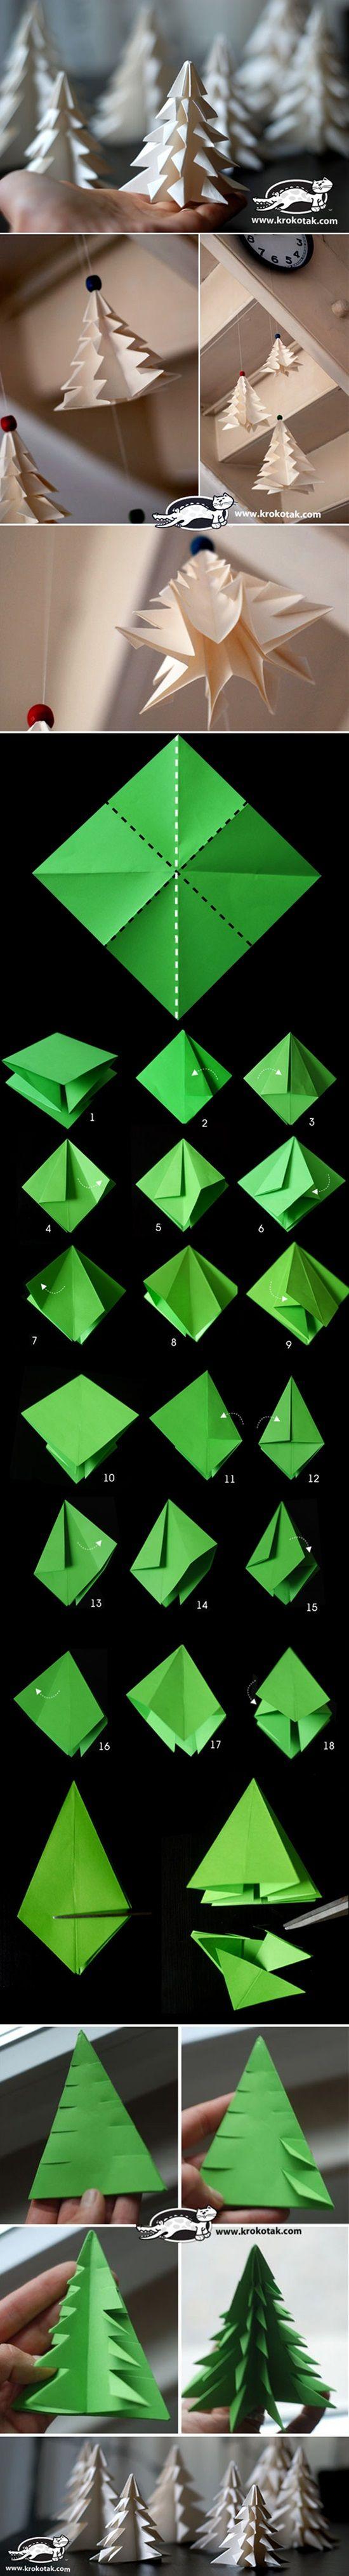 15 Fácil de Origami tutoriales a seguir por nadie | Postris